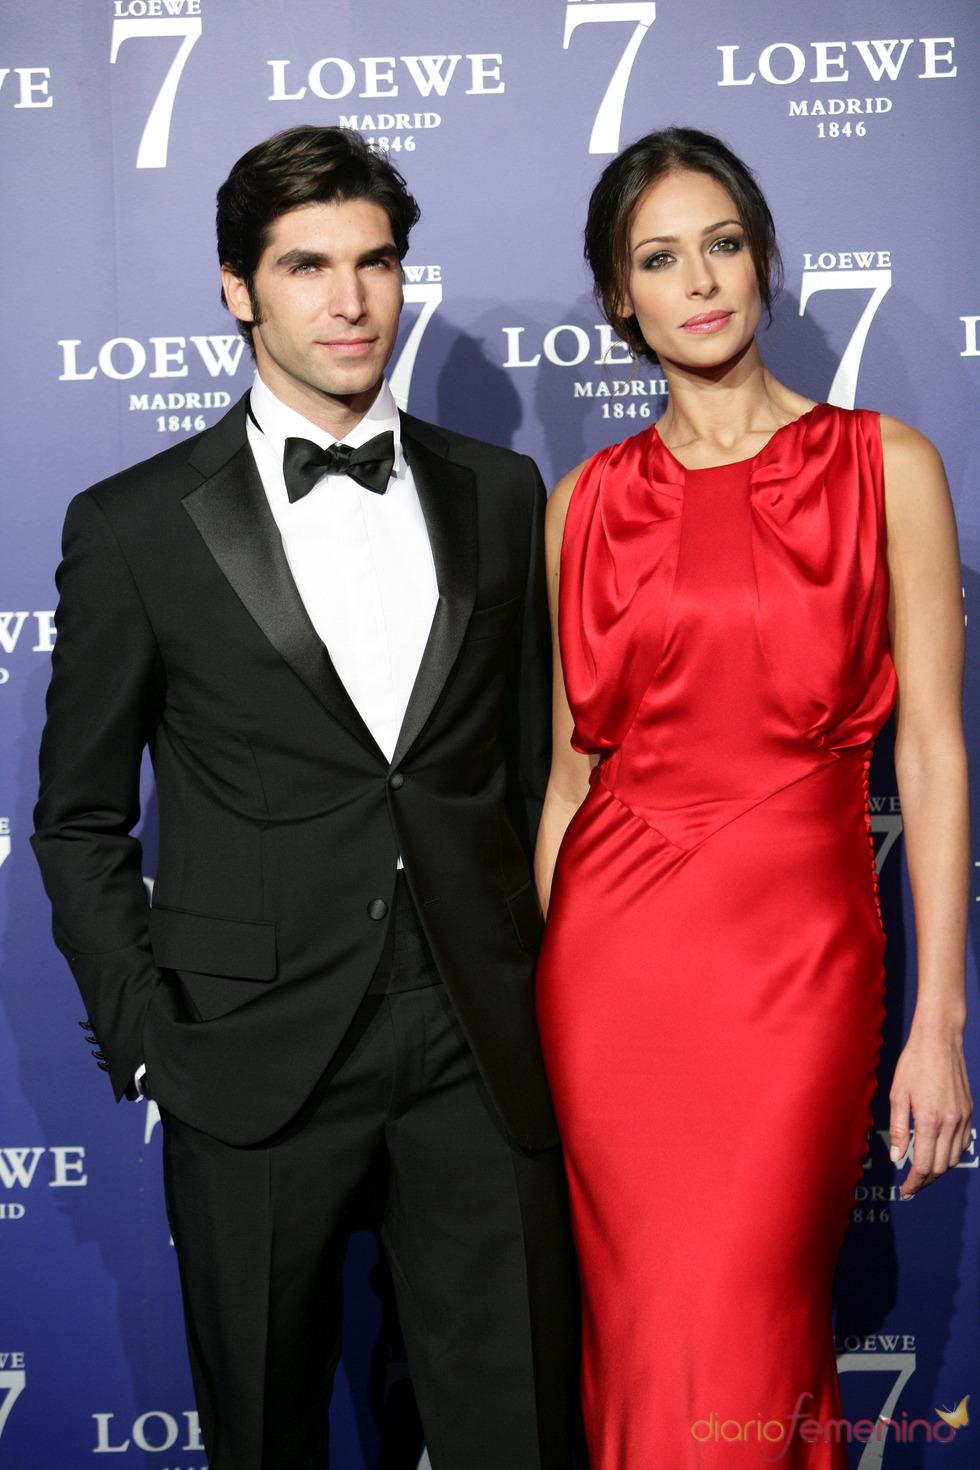 Cayetano Rivera y Eva González en la presentación de la fragancia 7 de Loewe Madrid